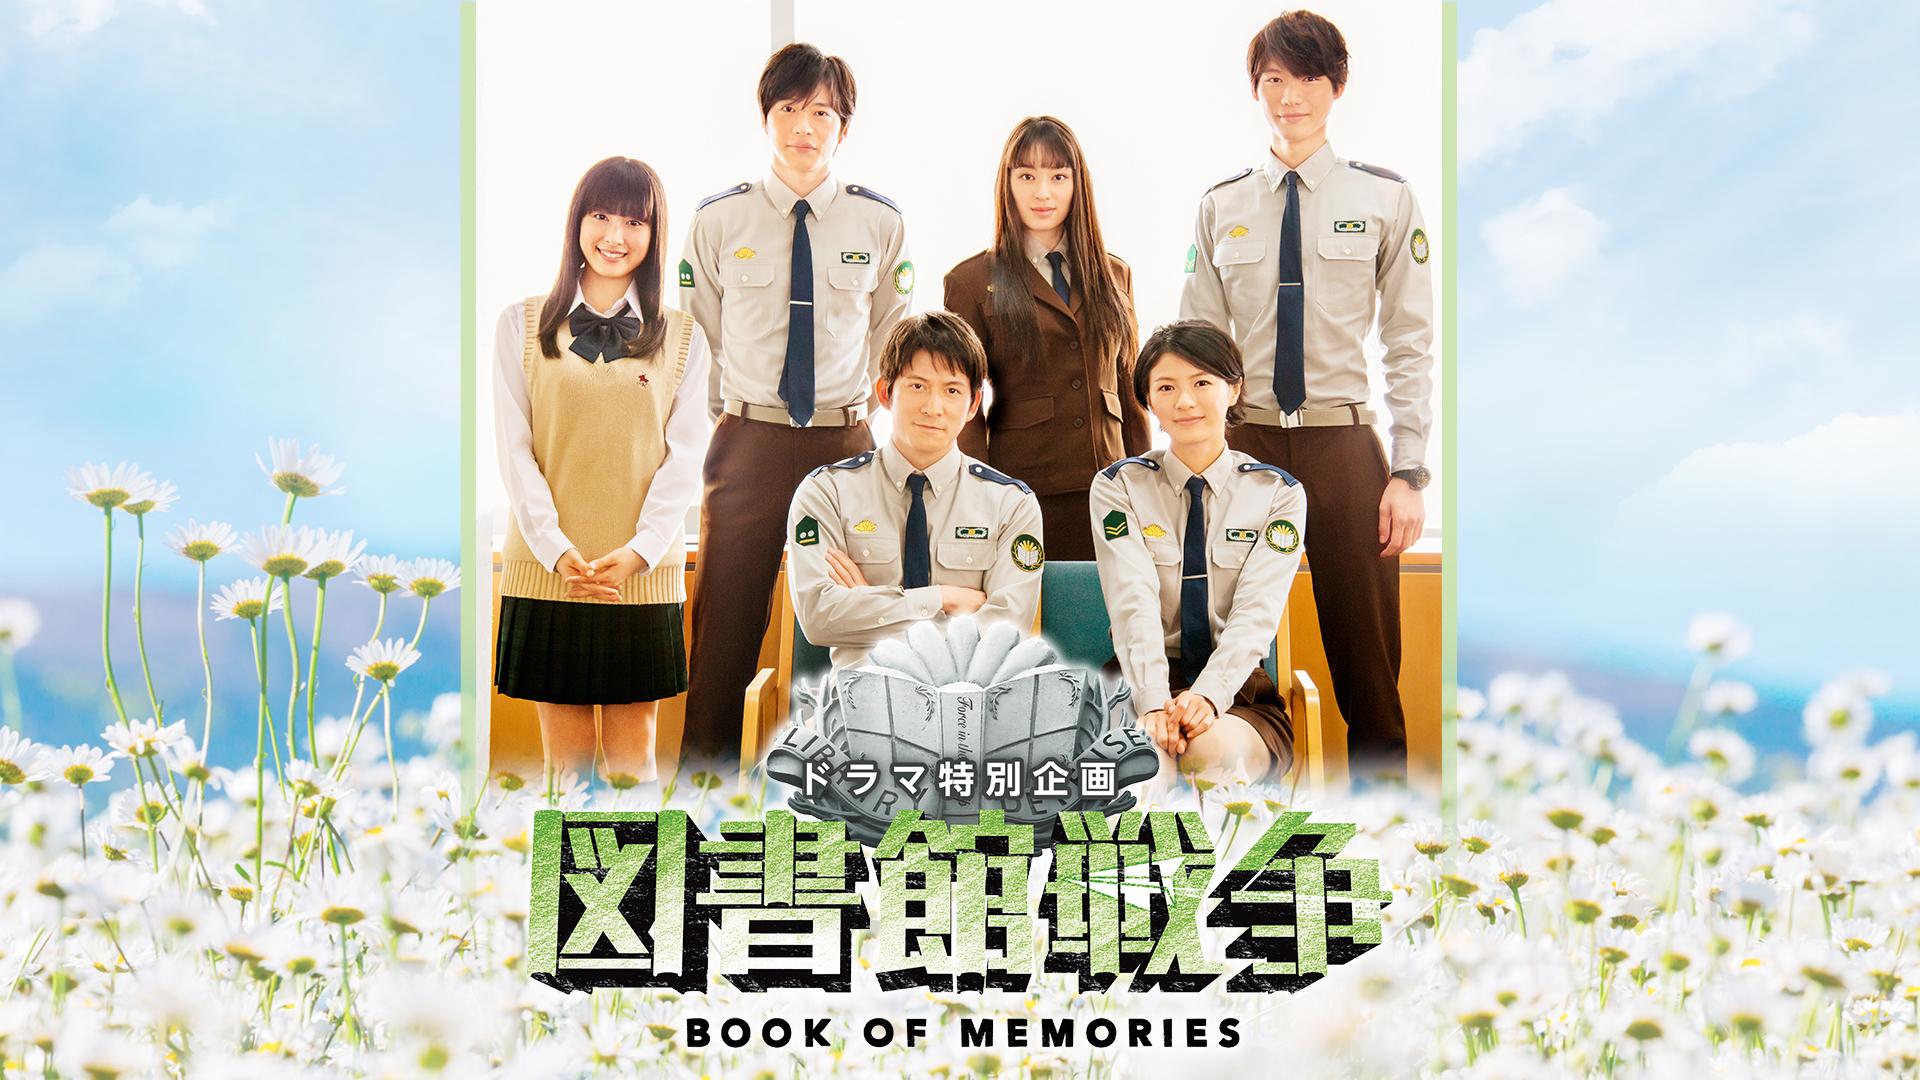 ドラマ特別企画 図書館戦争 ブック・オブ・メモリーズ 動画